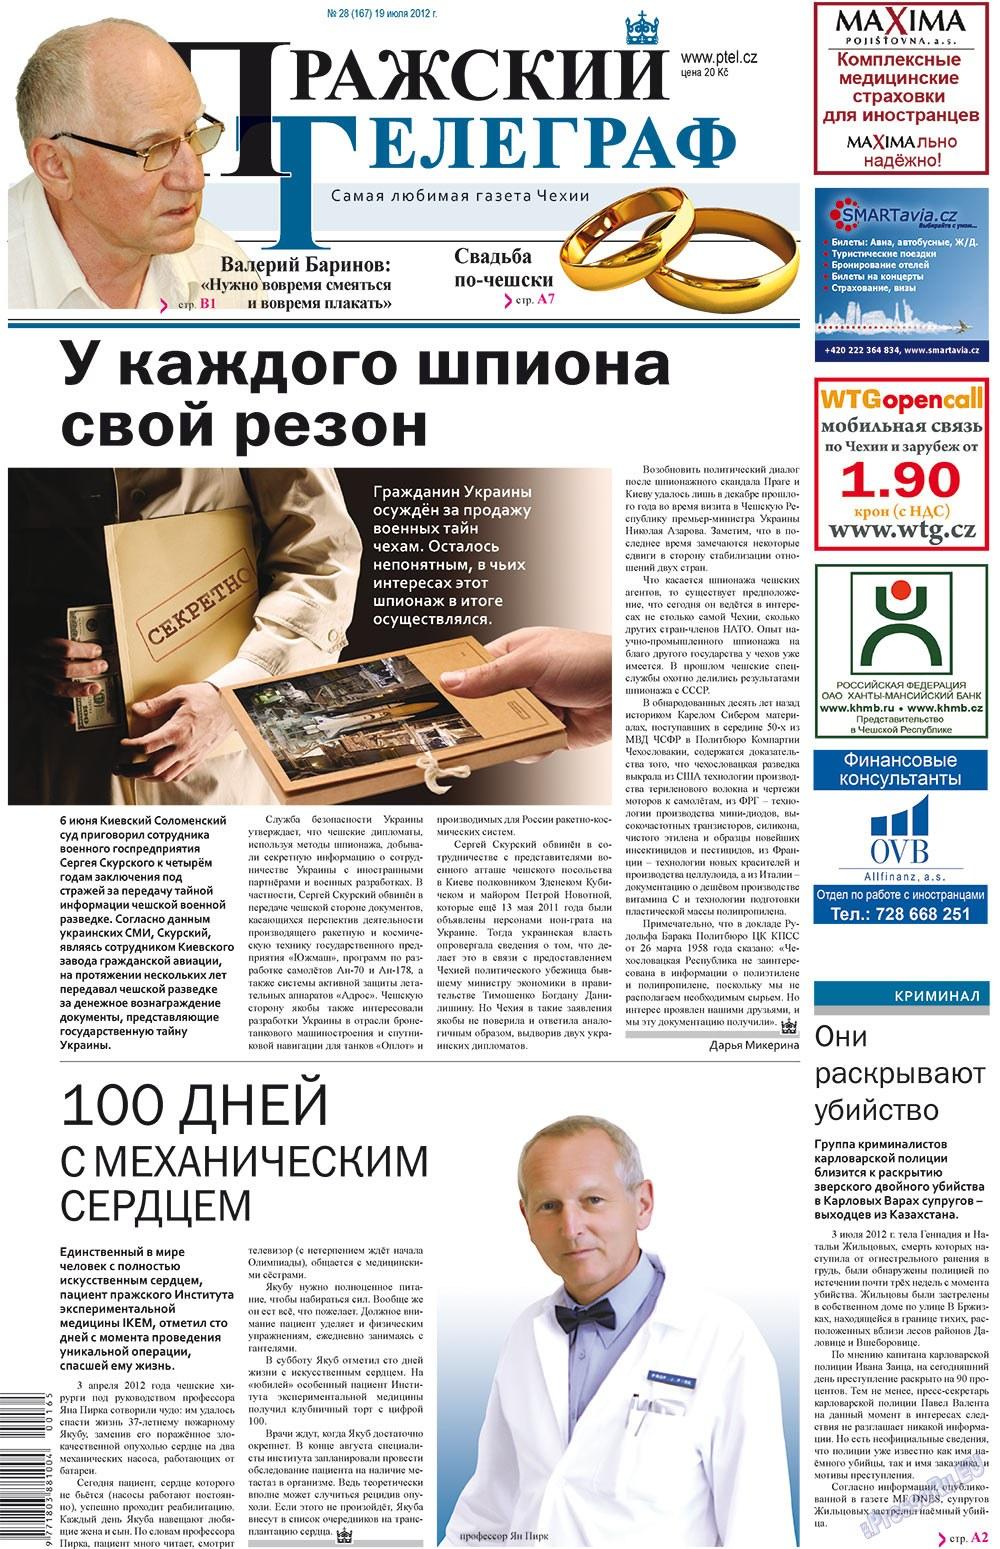 Пражский телеграф (газета). 2012 год, номер 28, стр. 1